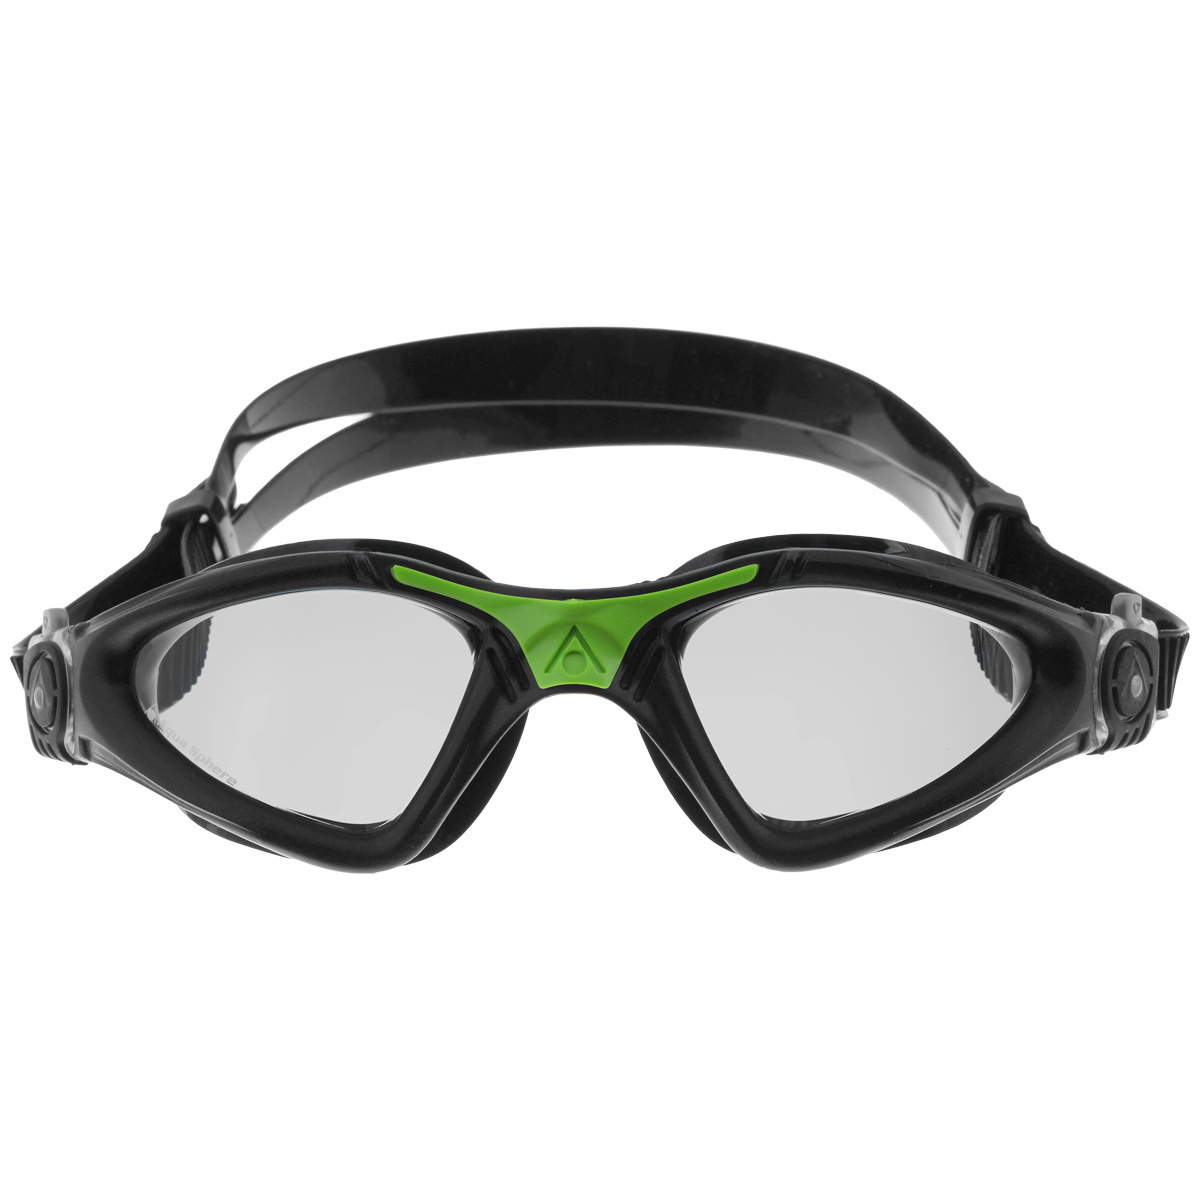 Очки для плавания Aqua Sphere Kayenne, прозрачные линзы, цвет: черный, зеленый очки для плавания aqua sphere k180 lady цвет белый розовый